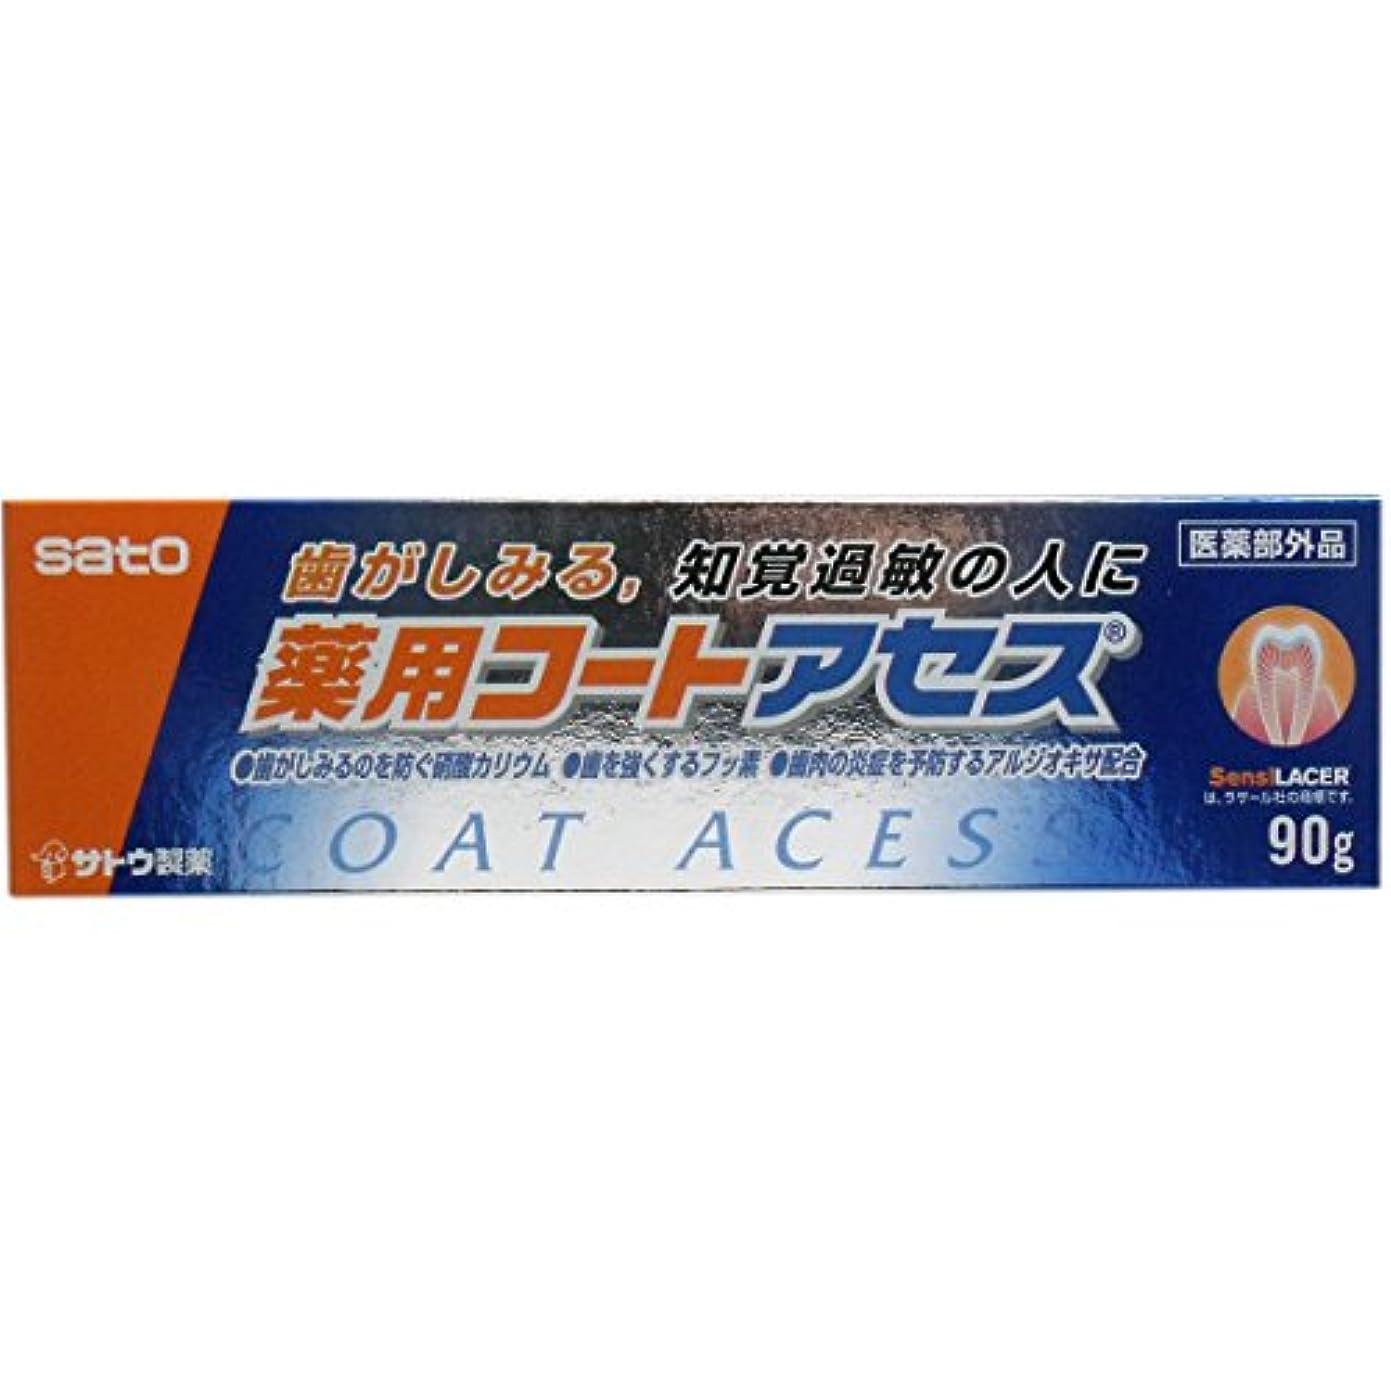 製油所どこにも言語サトウ製薬 薬用コートアセス 薬用歯みがき 90g ×6個セット